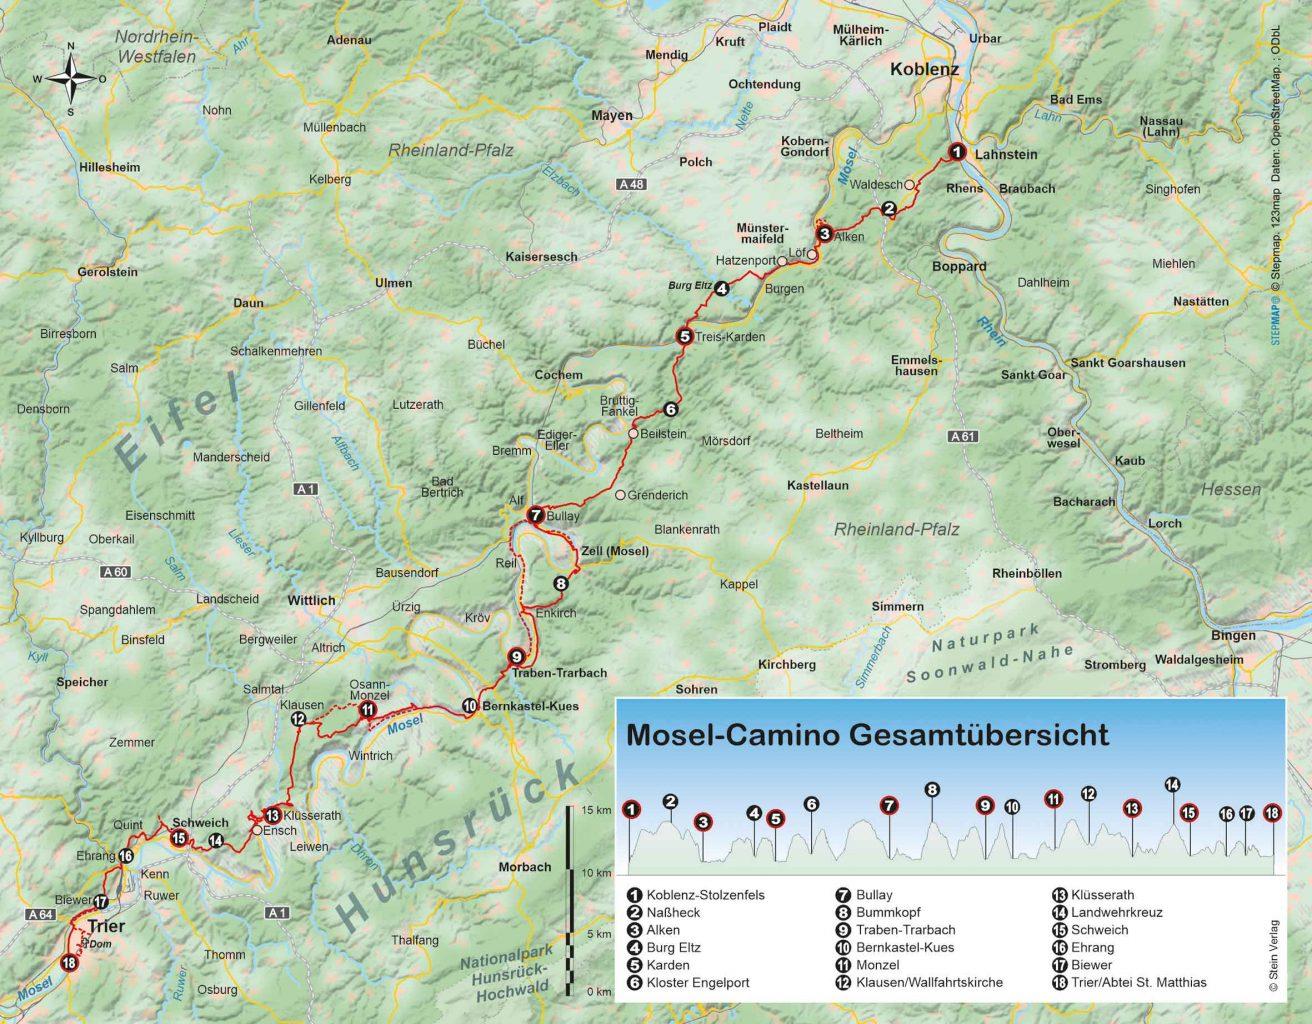 Mosel-Camino von Koblenz nach Trier